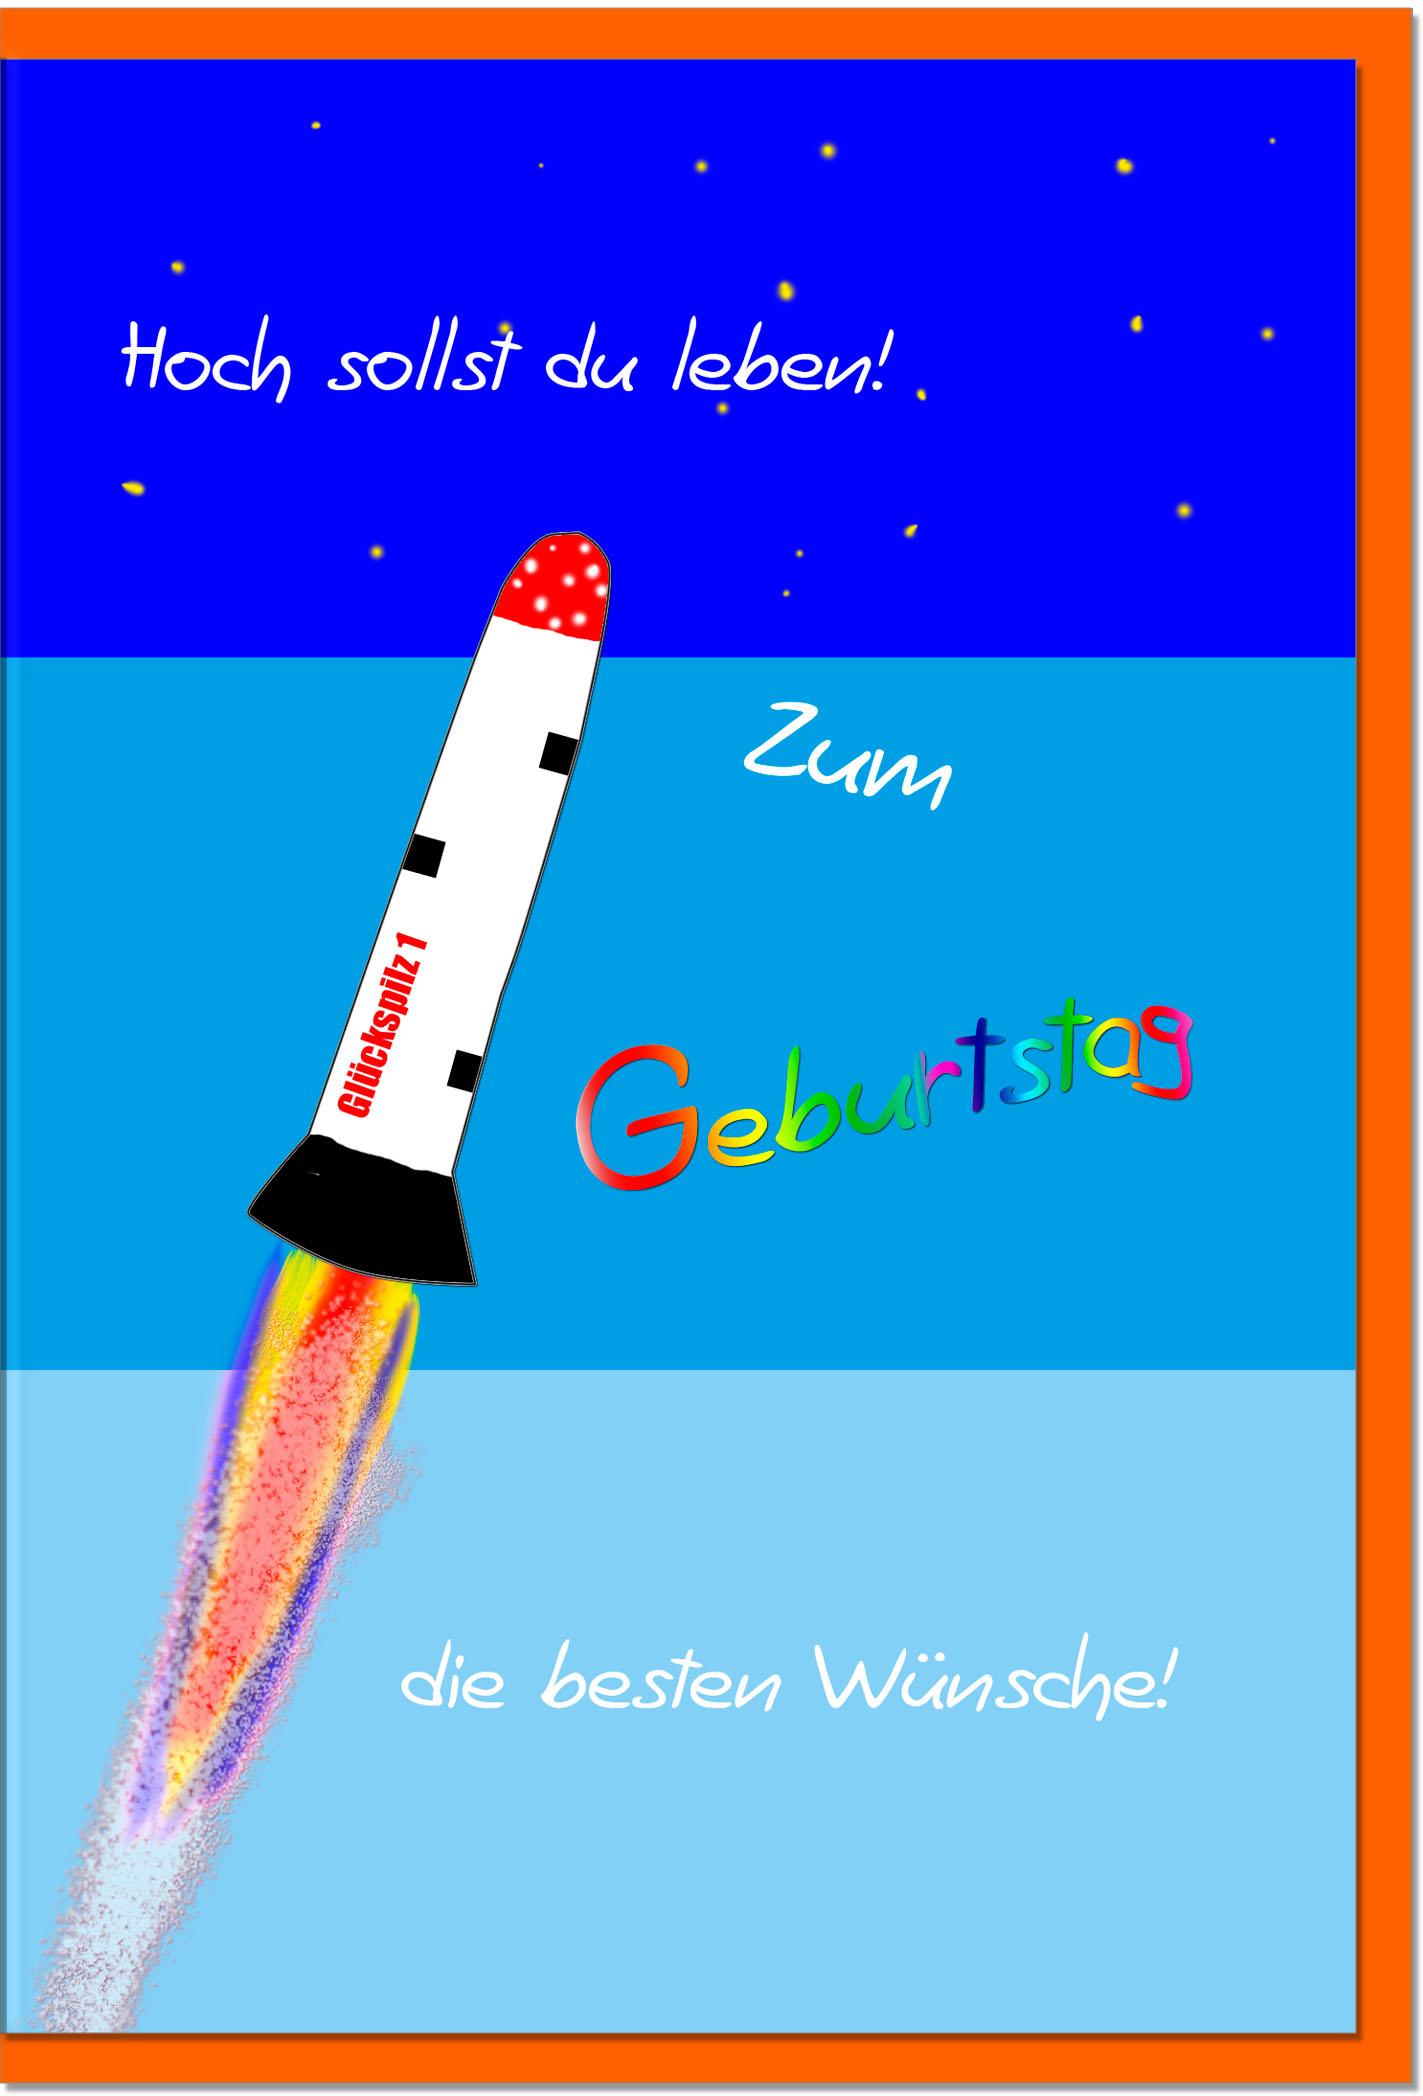 Geburtstagskarten / Grußkarten /Geburtstag Rakete